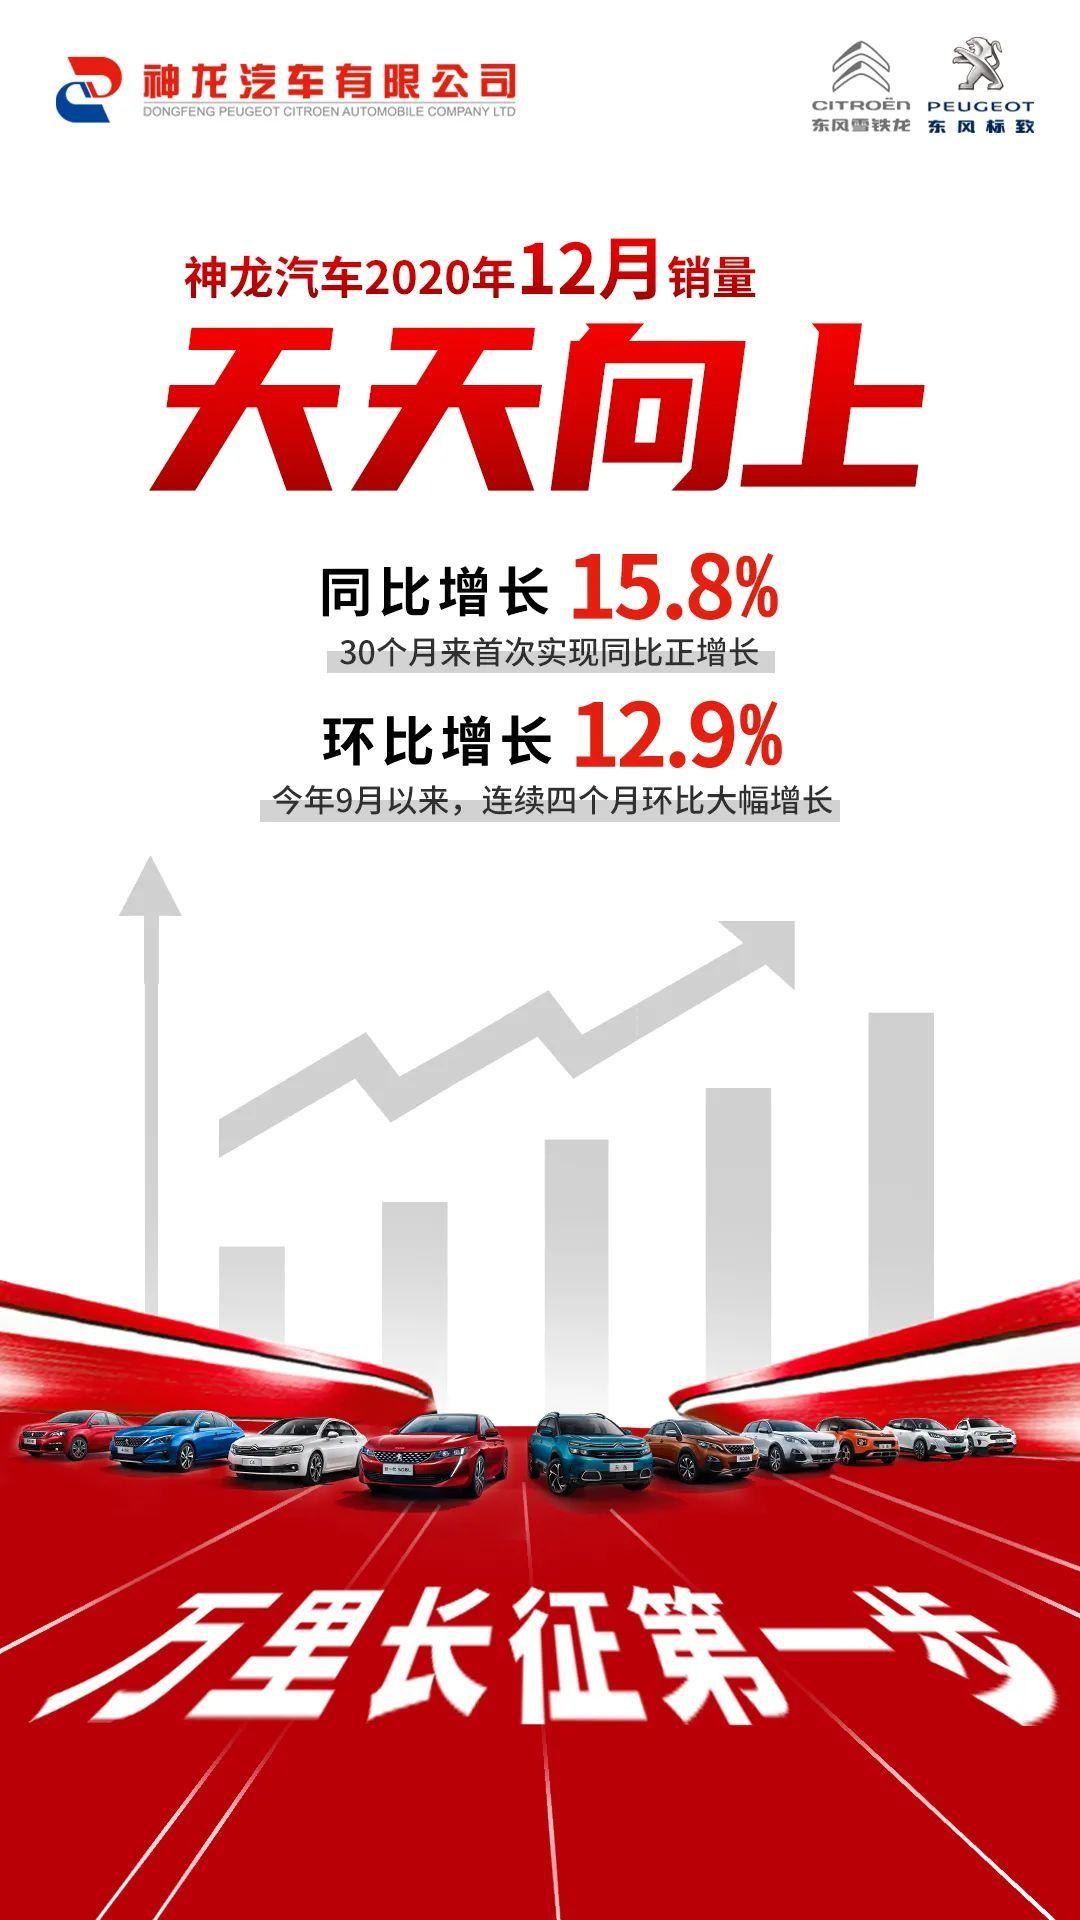 神龙汽车30个月来首次同比正增长